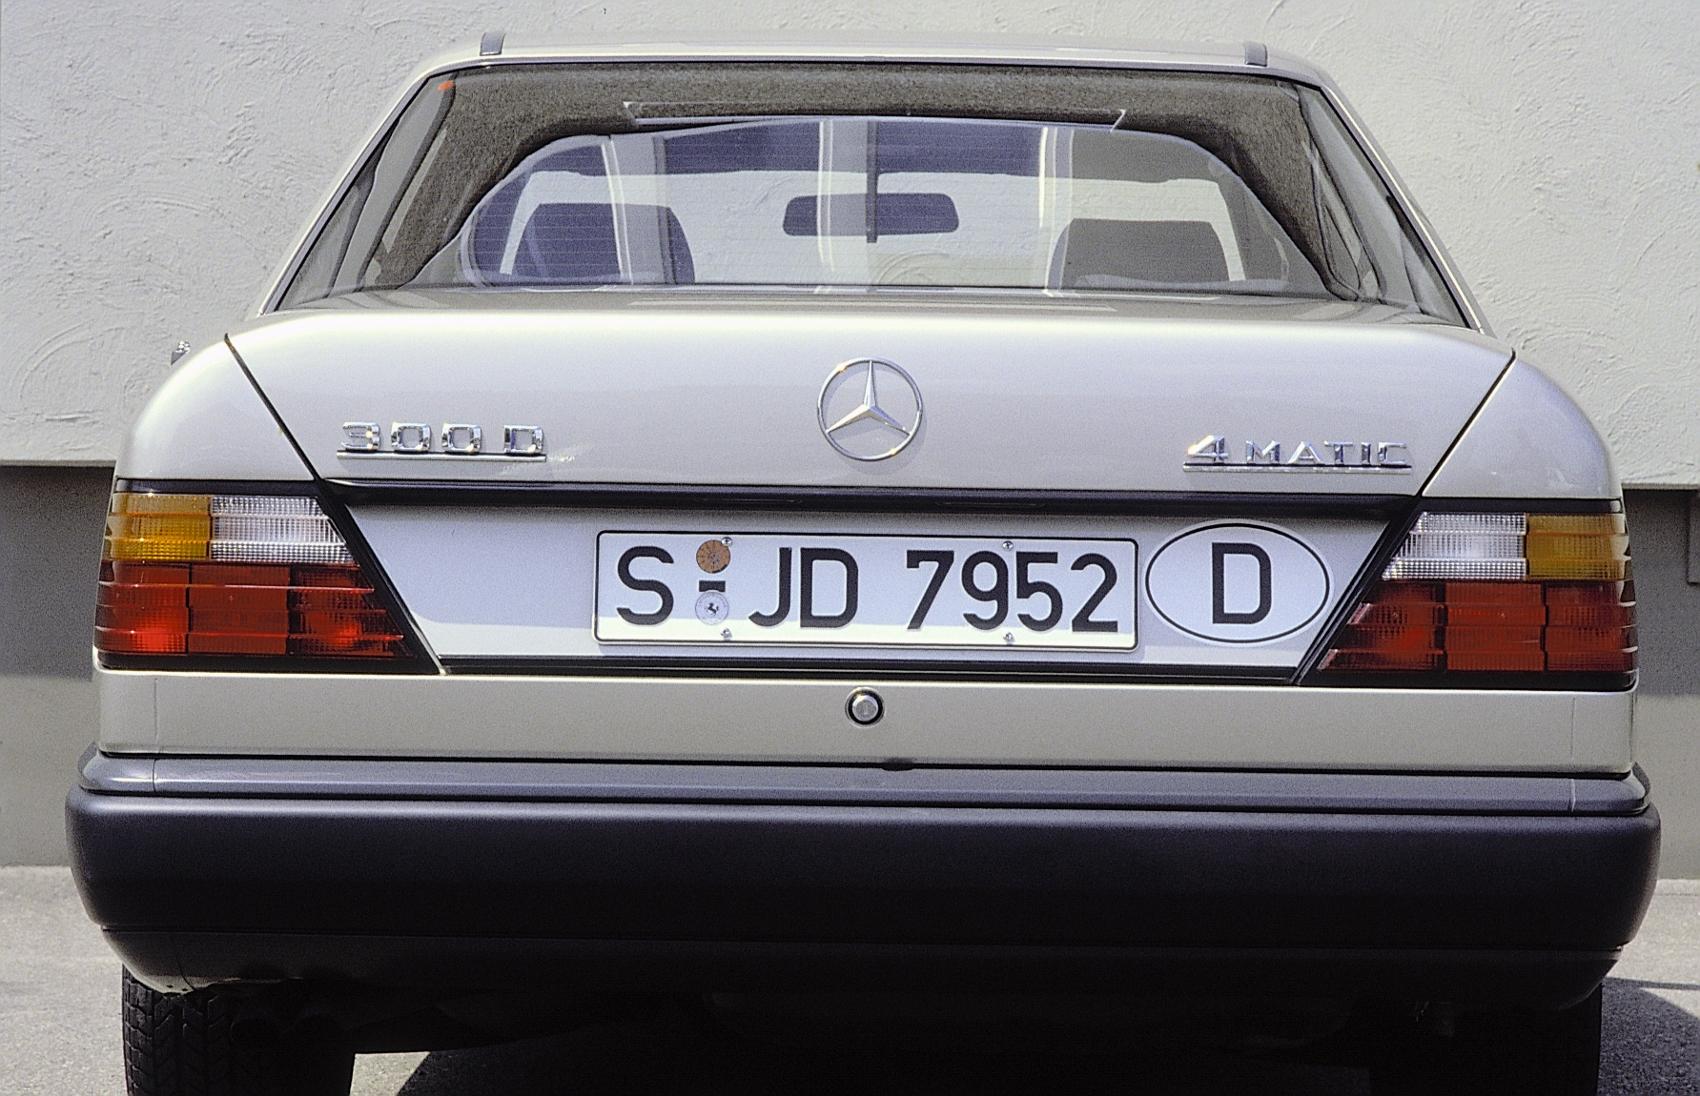 86F76 (1700x1096)